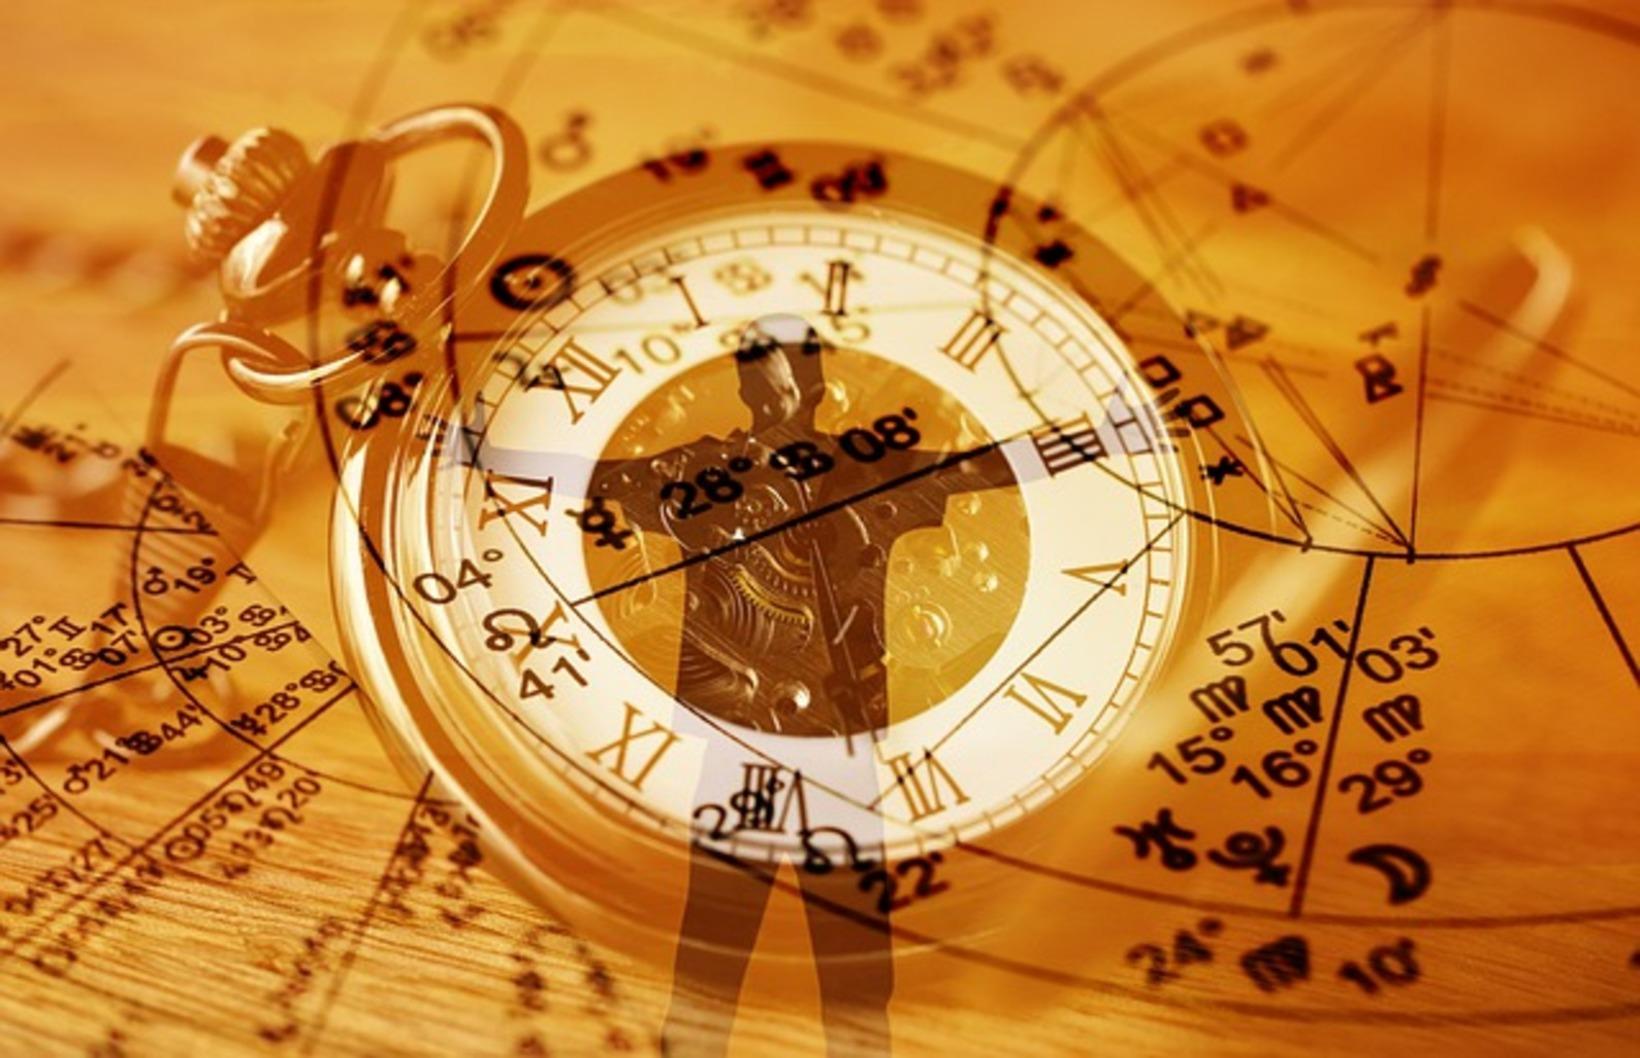 Иркутский Астрологический Центр. Проект профессионального астролога Ольги Ильиной